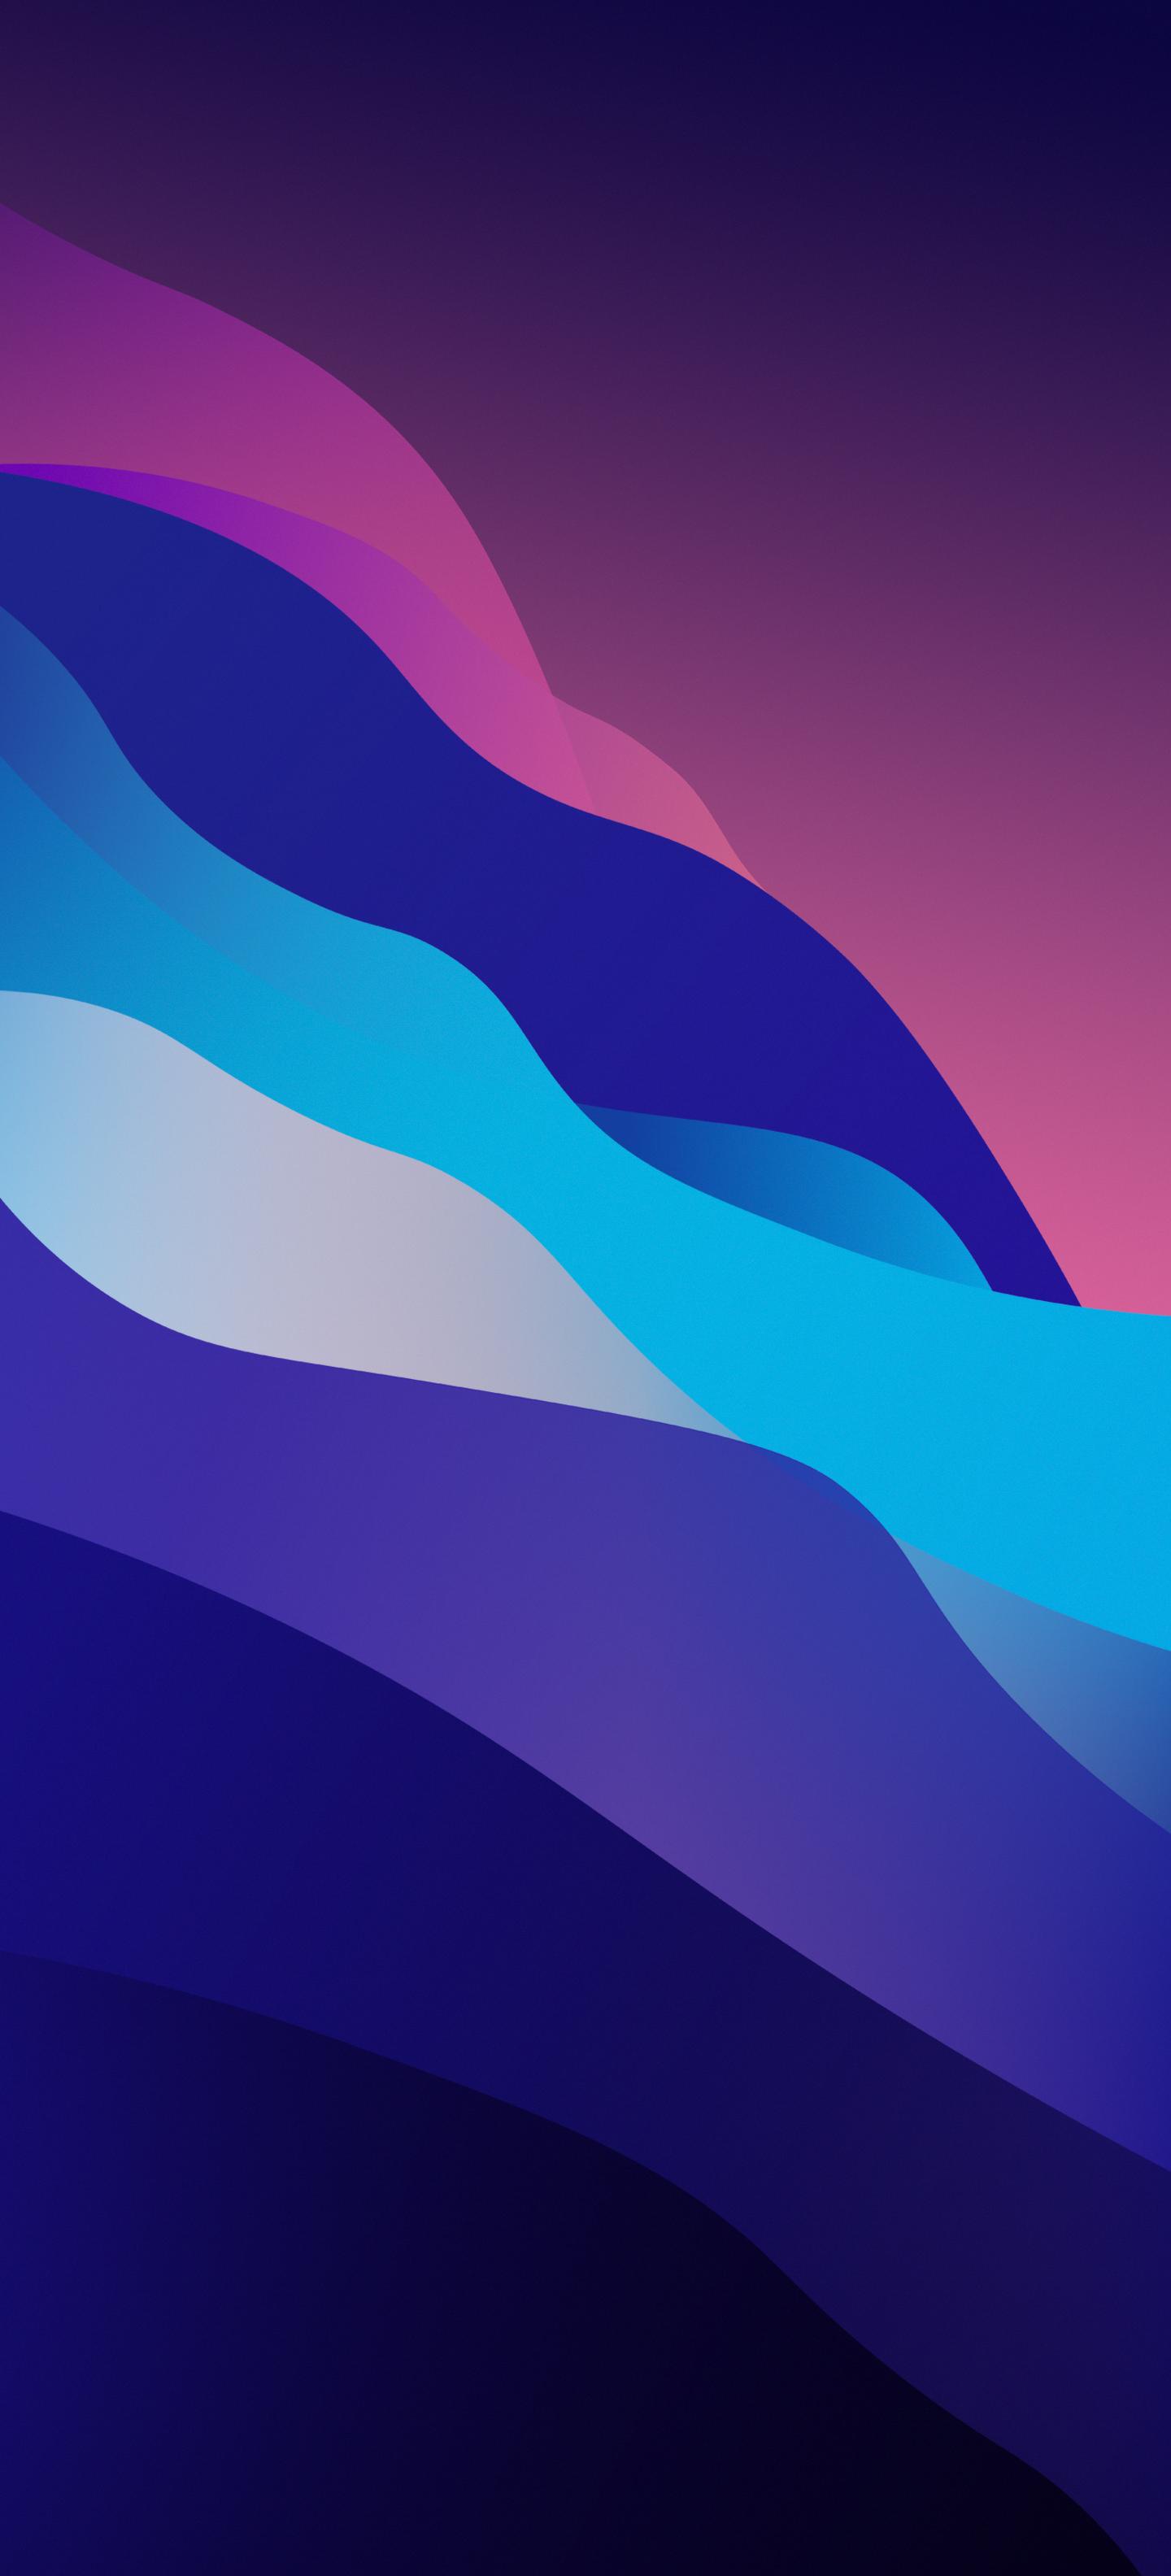 Sforum - Trang thông tin công nghệ mới nhất Waves-wallpaper-Arthur1992aS-iDownloadBlog-V5-sample Mời bạn tải về bộ hình nền iPhone theo chủ đề của macOS Monterey